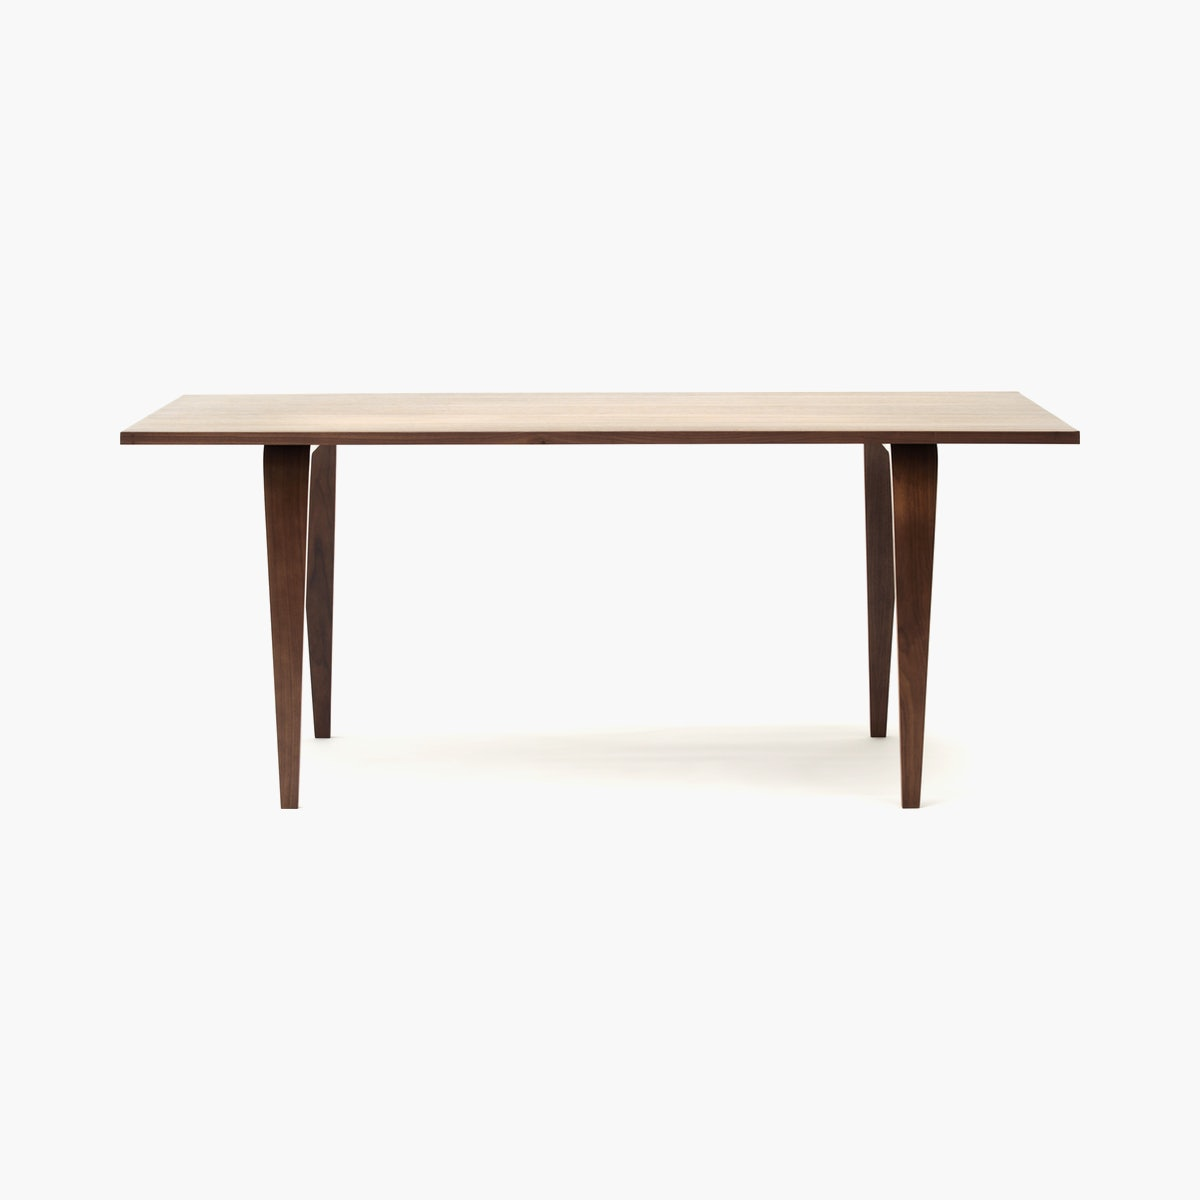 Cherner Table